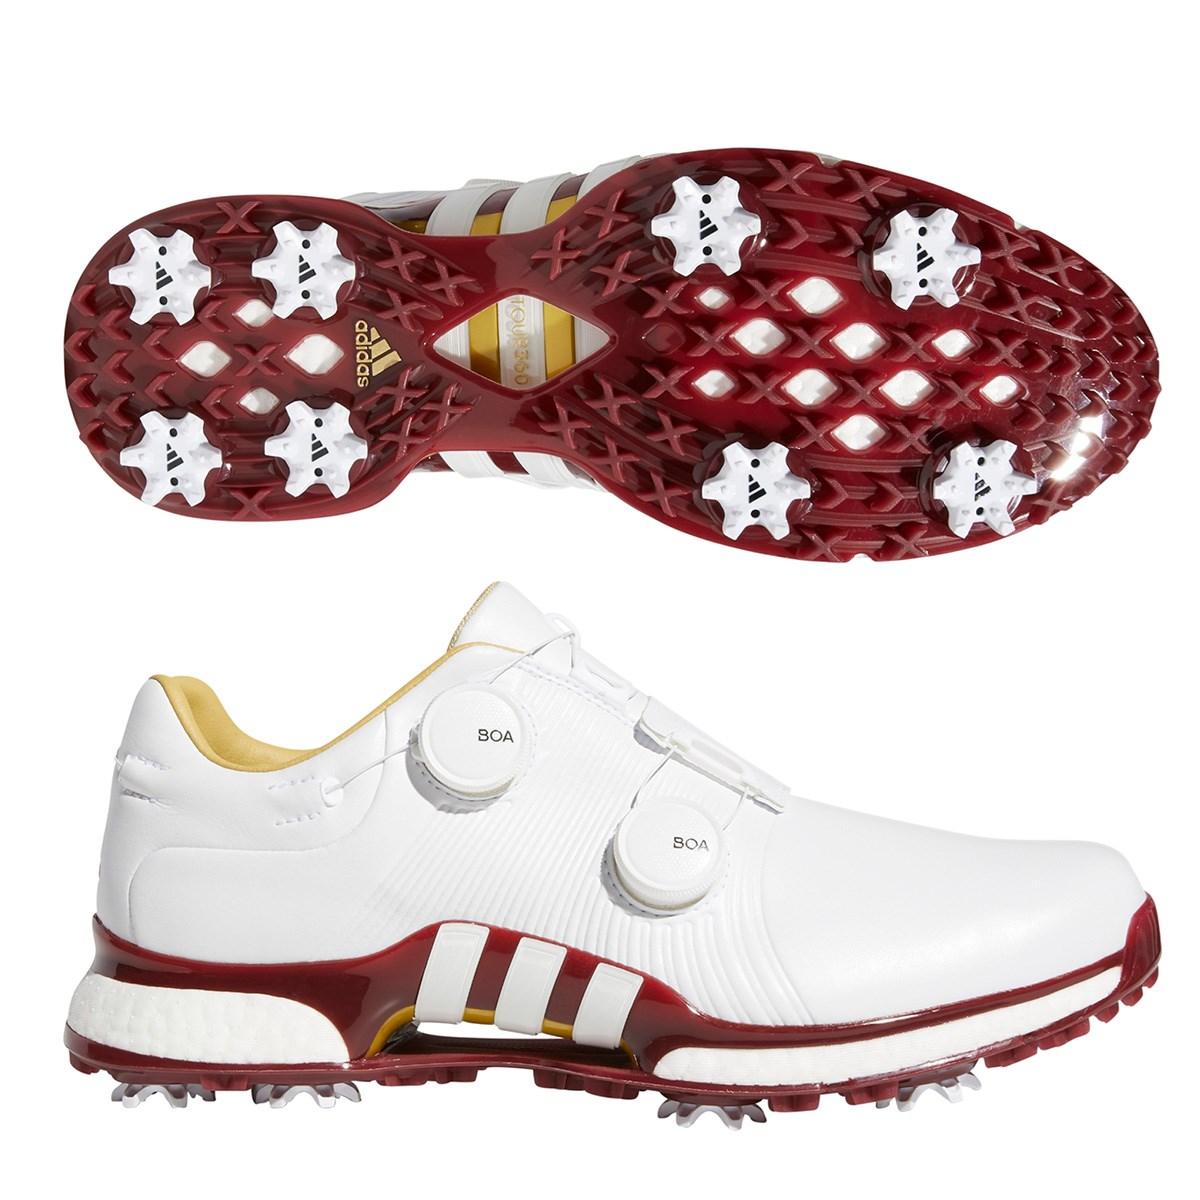 アディダス Adidas ツアー360 XT ツイン ボア シューズ 26.5cm ホワイト/ホワイト/カレジエイトバーガンディー